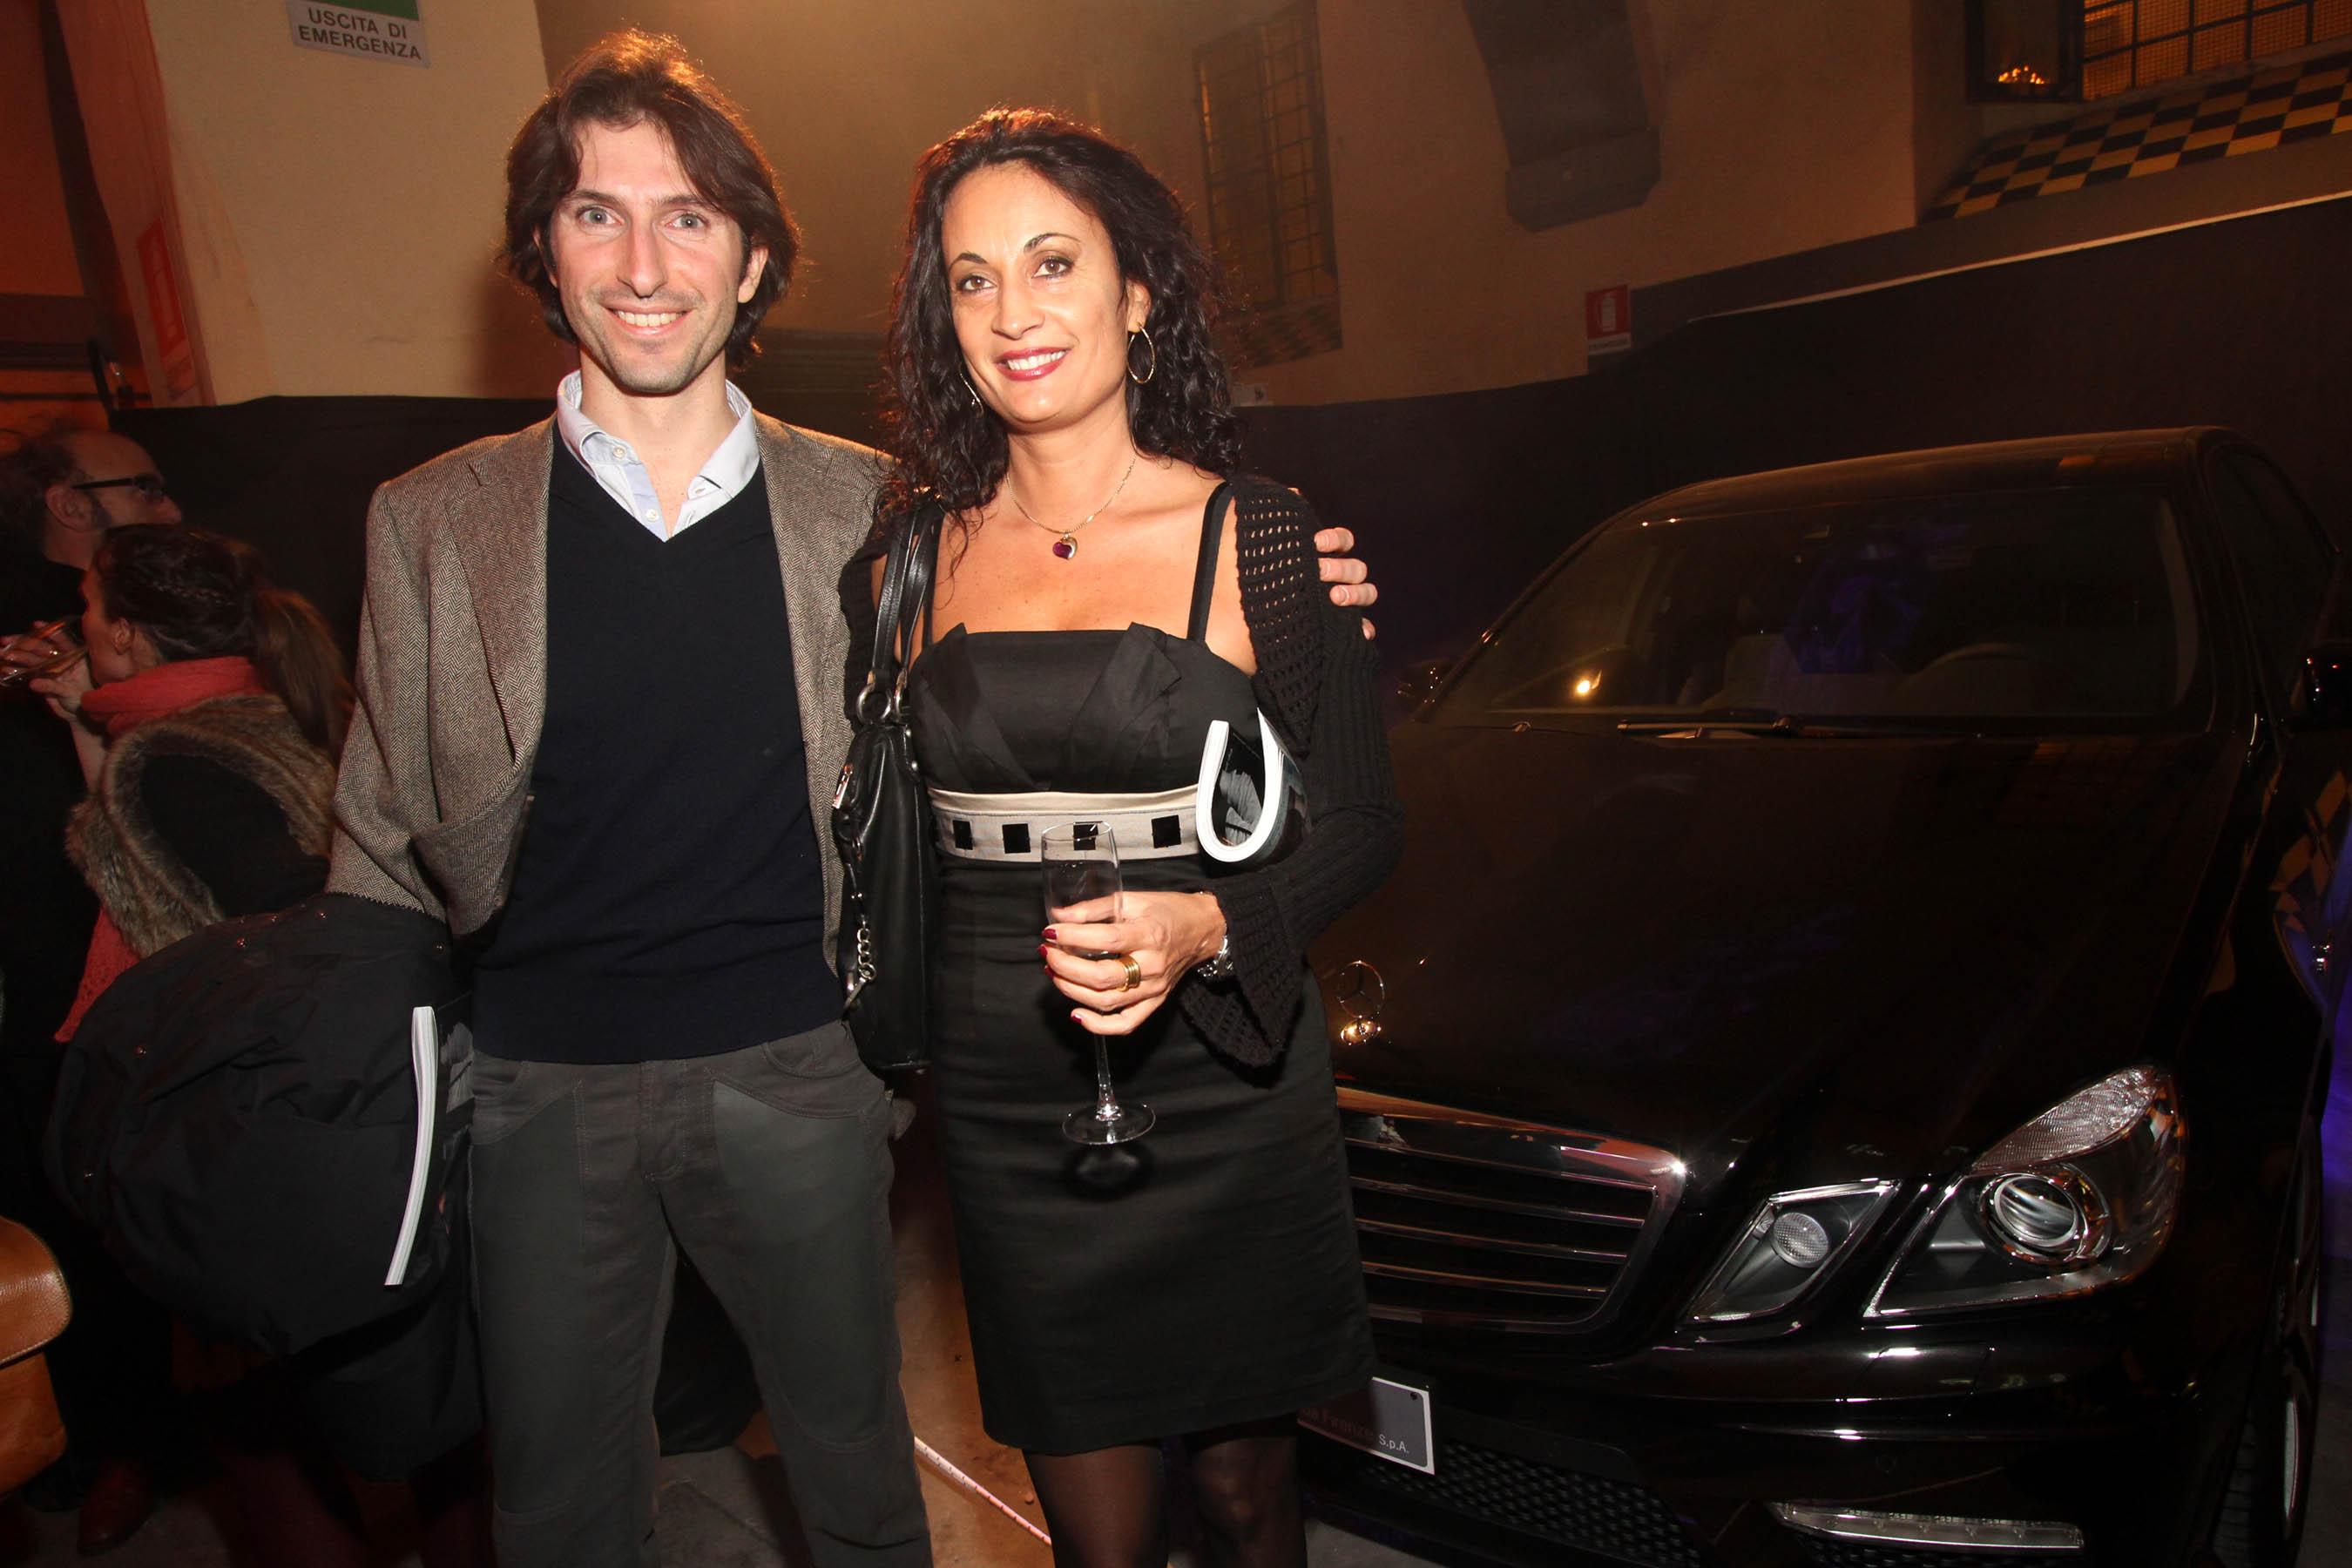 PRESSPHOTO Firenze, festa Firenze Magazine #13, For Gallery. Nella foto Roberta Baldi e Giuseppe Cacciola